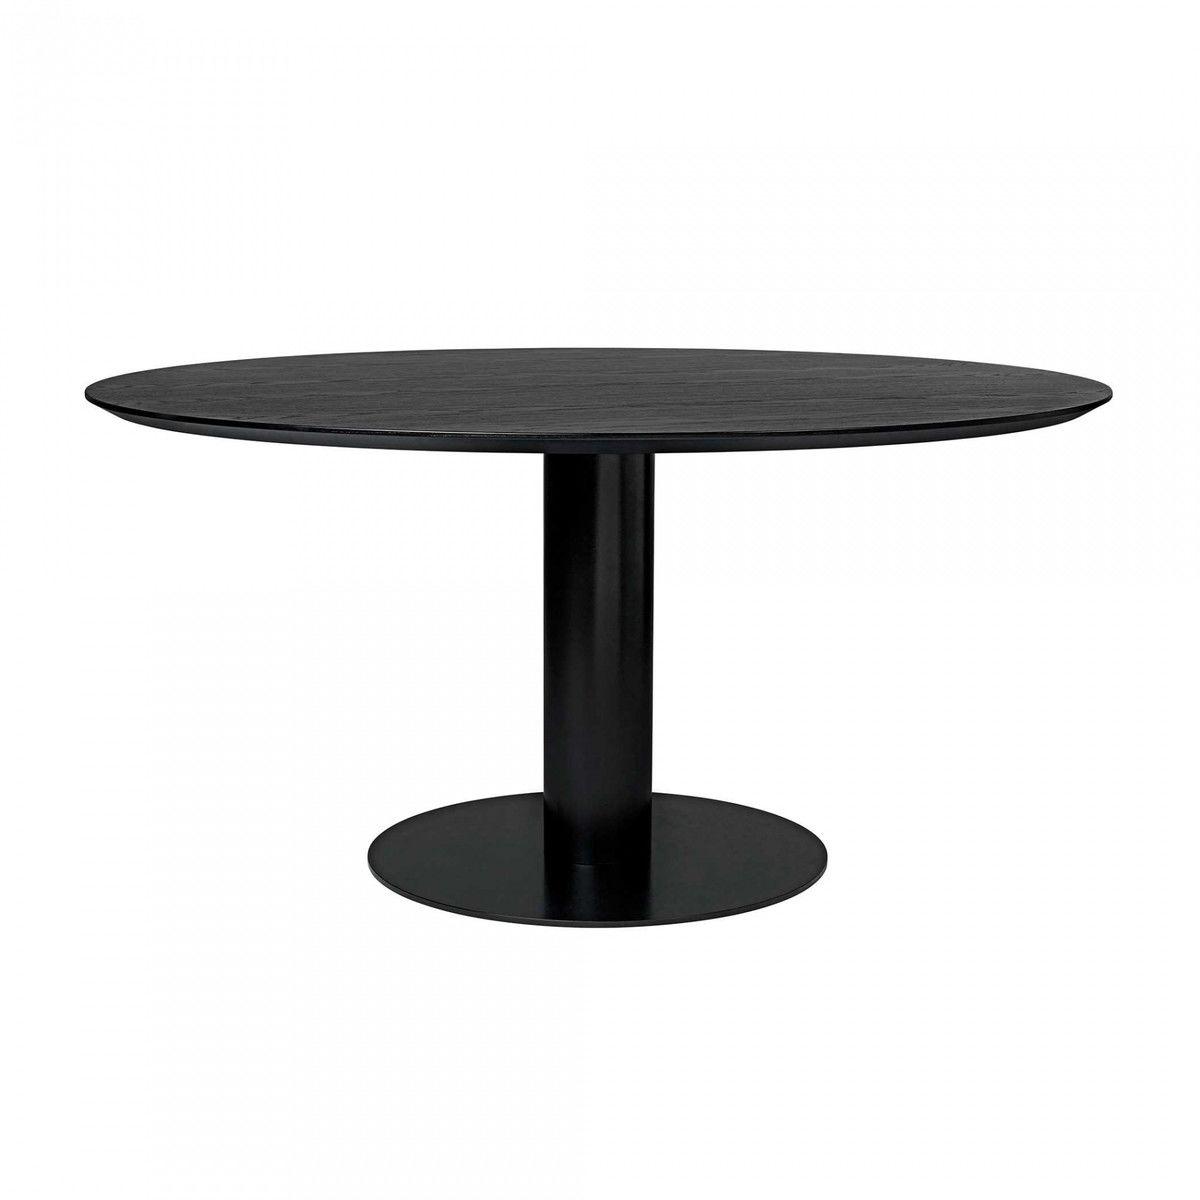 2 0 dining table tisch gestell schwarz 130cm gubi. Black Bedroom Furniture Sets. Home Design Ideas